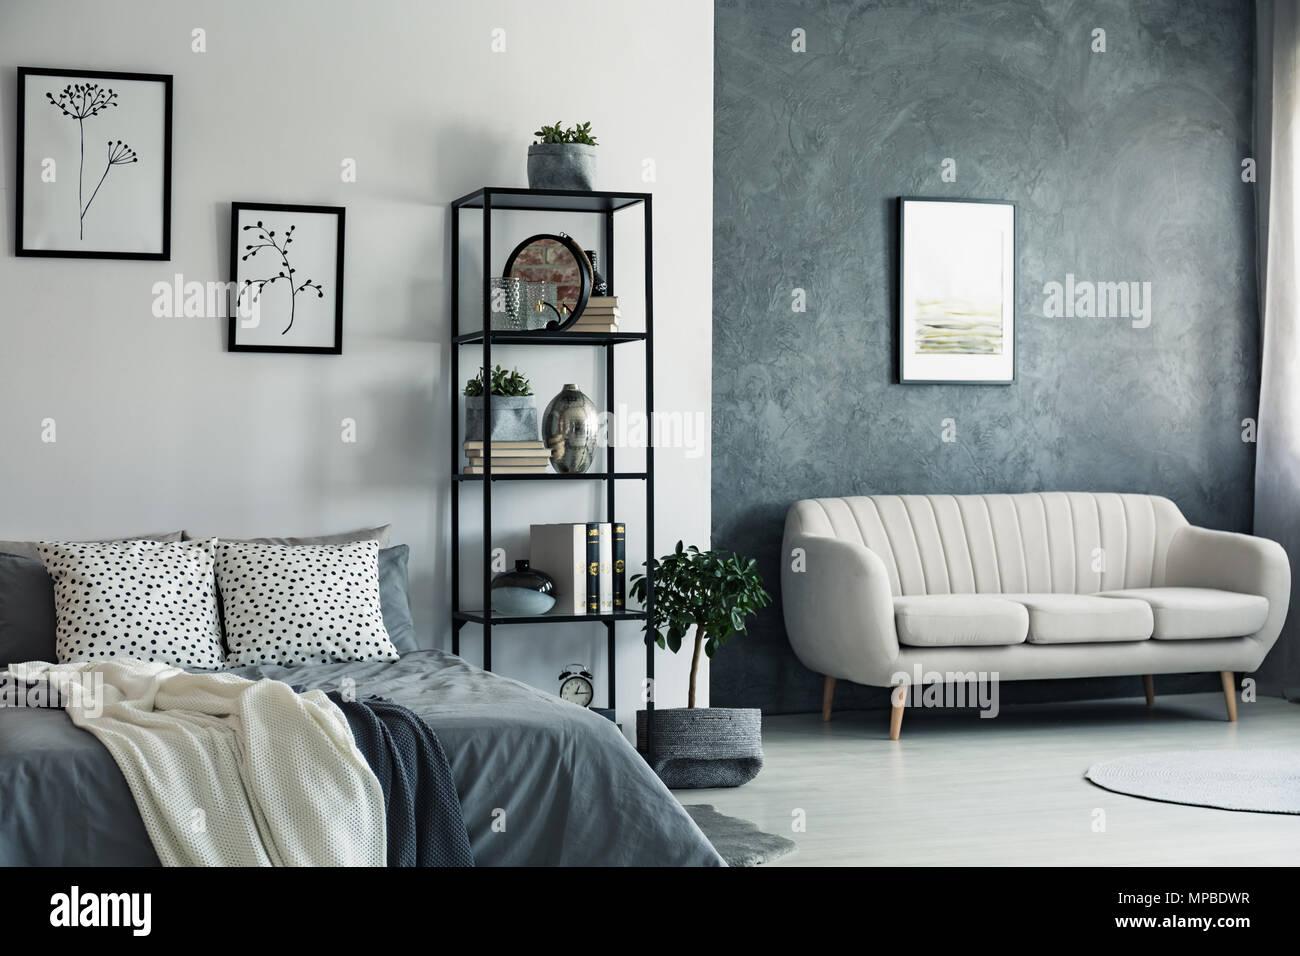 Pittura Stanza Da Letto il beige divano contro la parete in calcestruzzo con pittura